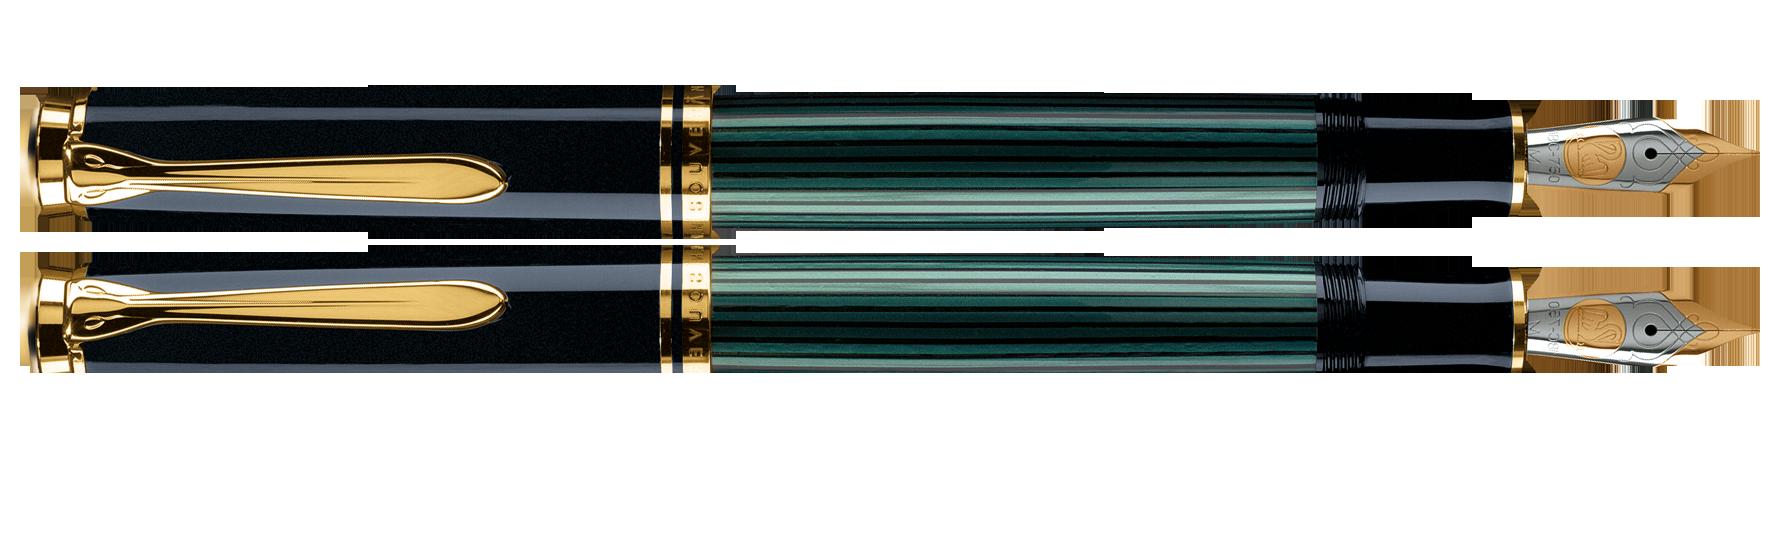 souveraen-m-800-large.png